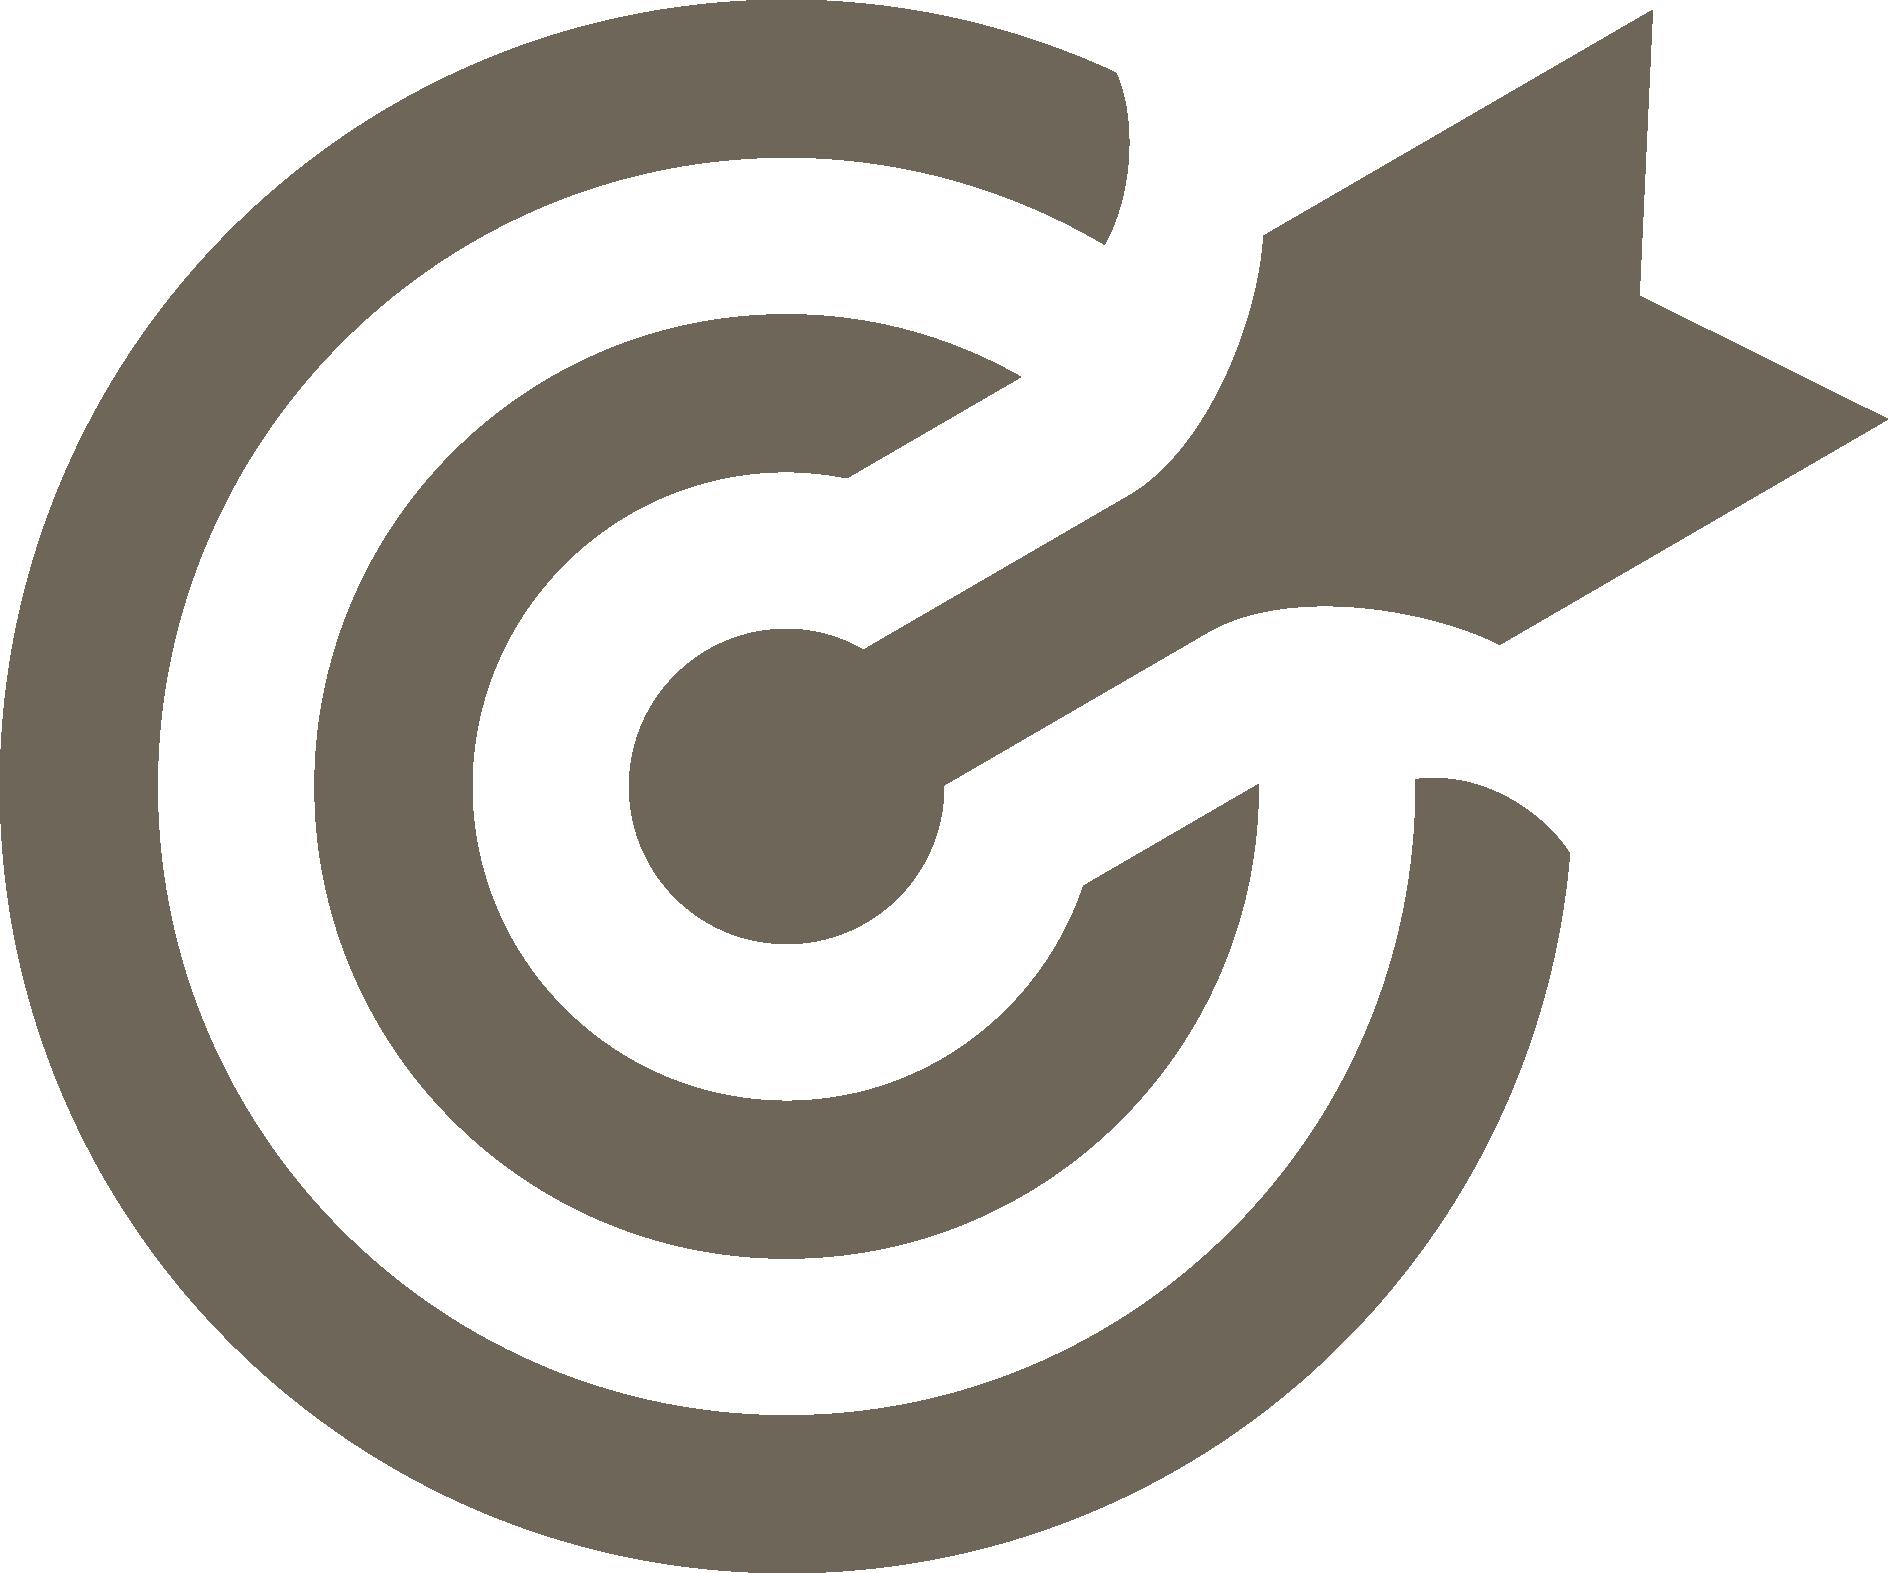 Kernwaarden icoon